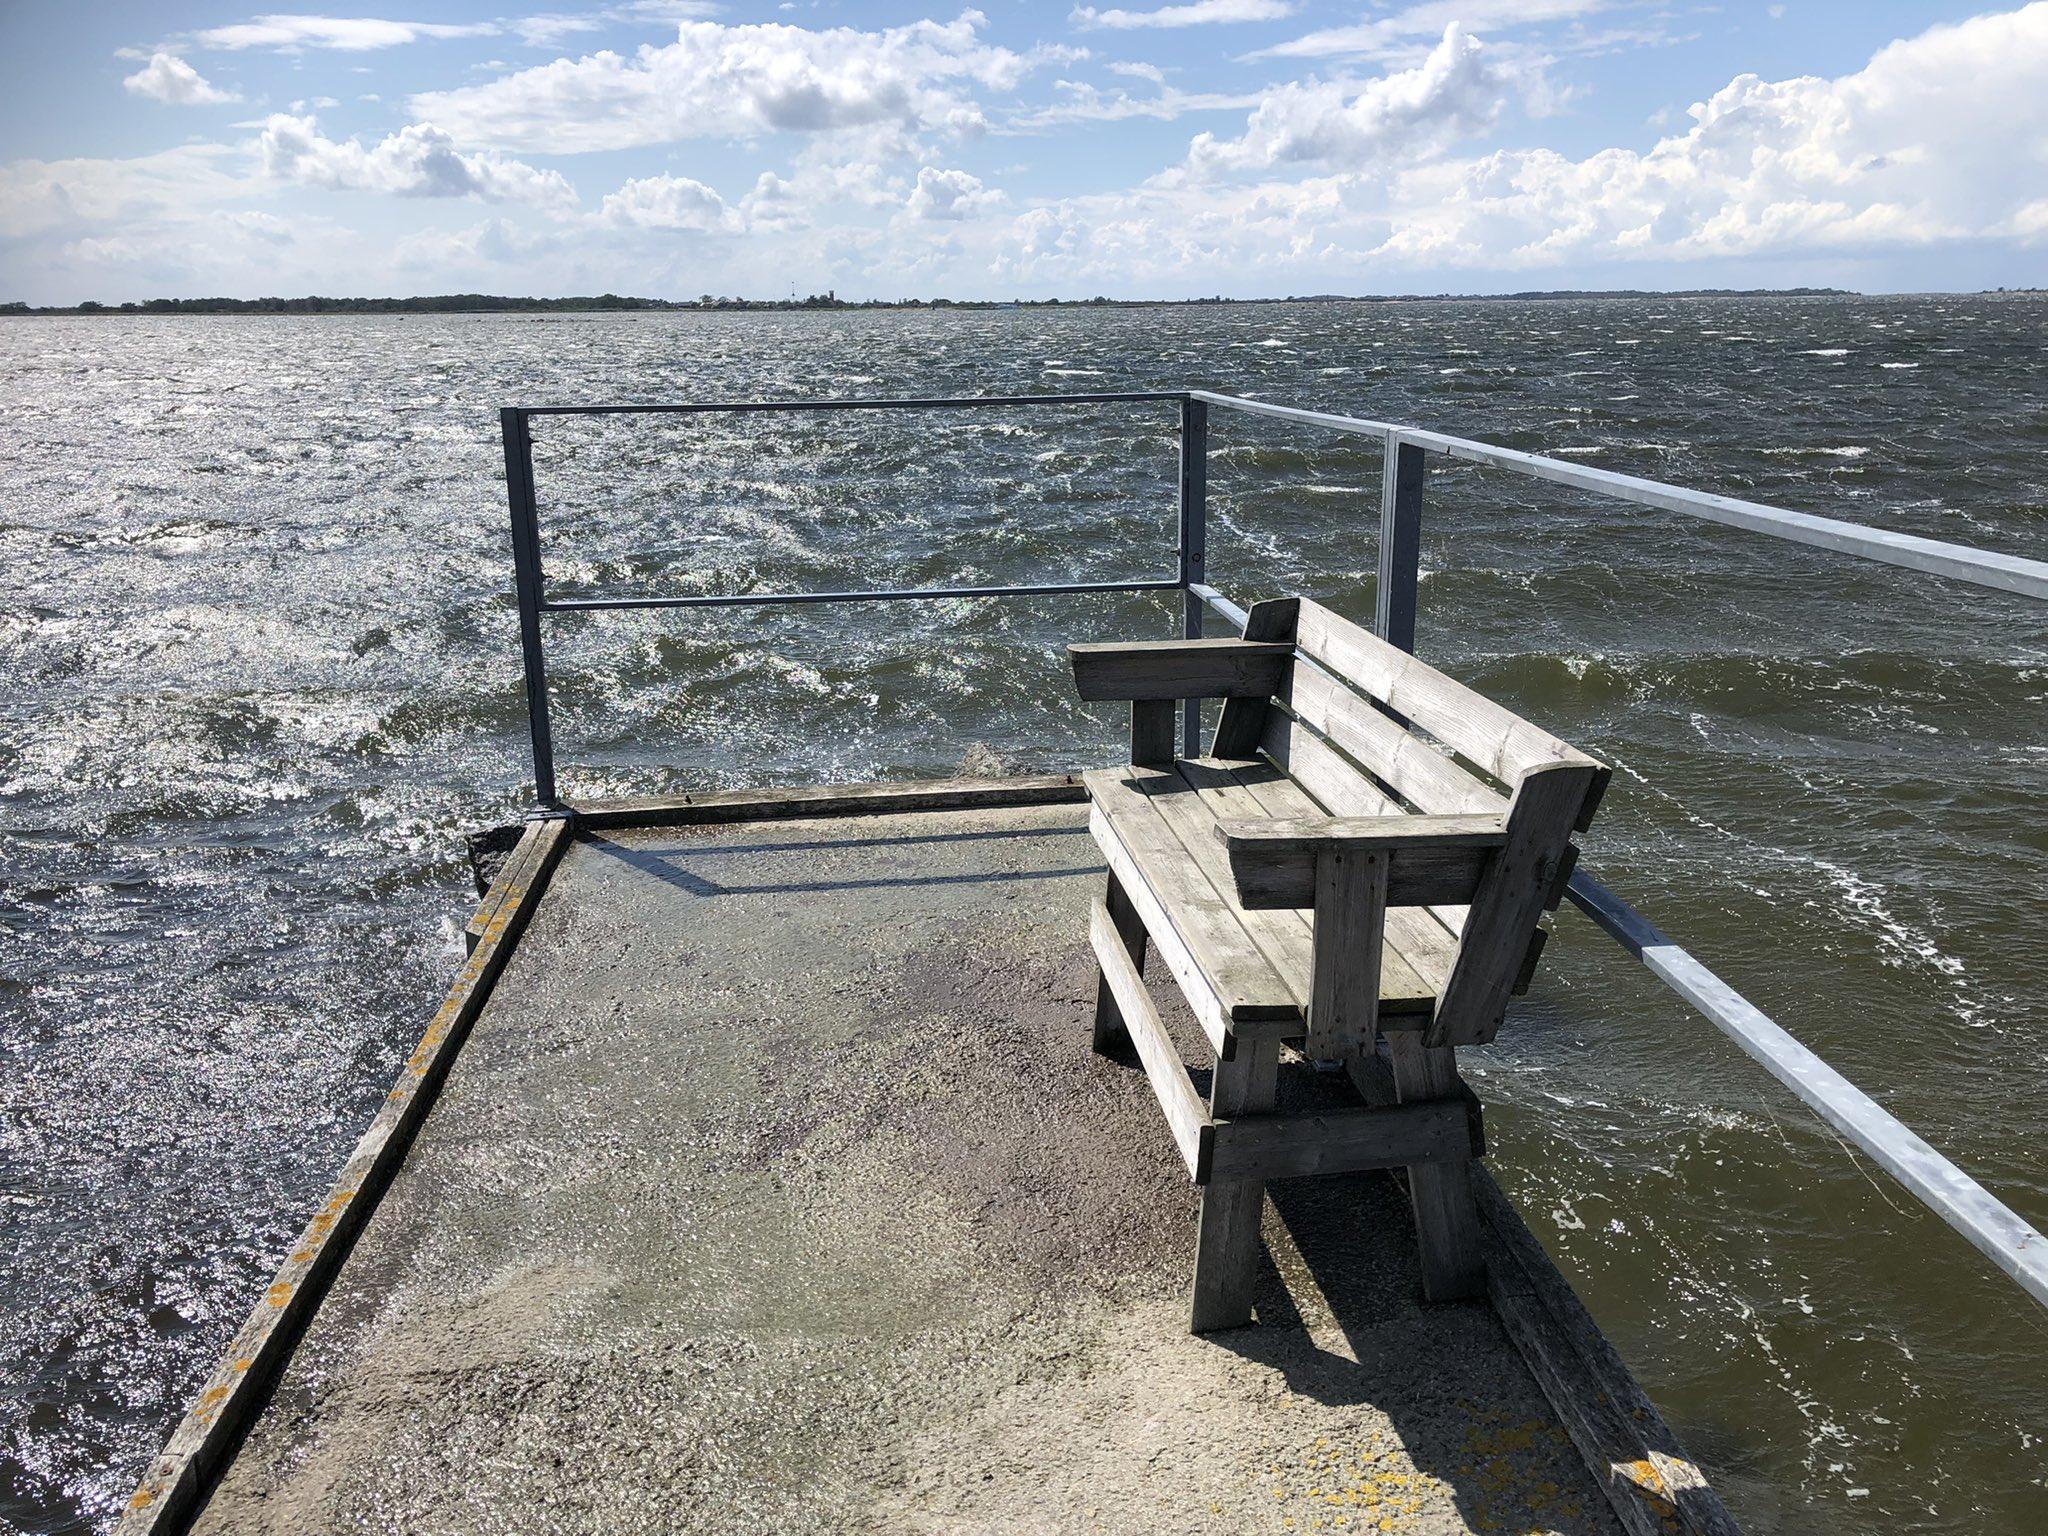 rt-gerritjhkuiper-in-natuurreservaat-torhamns-udde-oostzee-bijna-in-zee-wandelbankjes-je-hielt-het-net-droog-https-t-co-sn2ar5ysyf